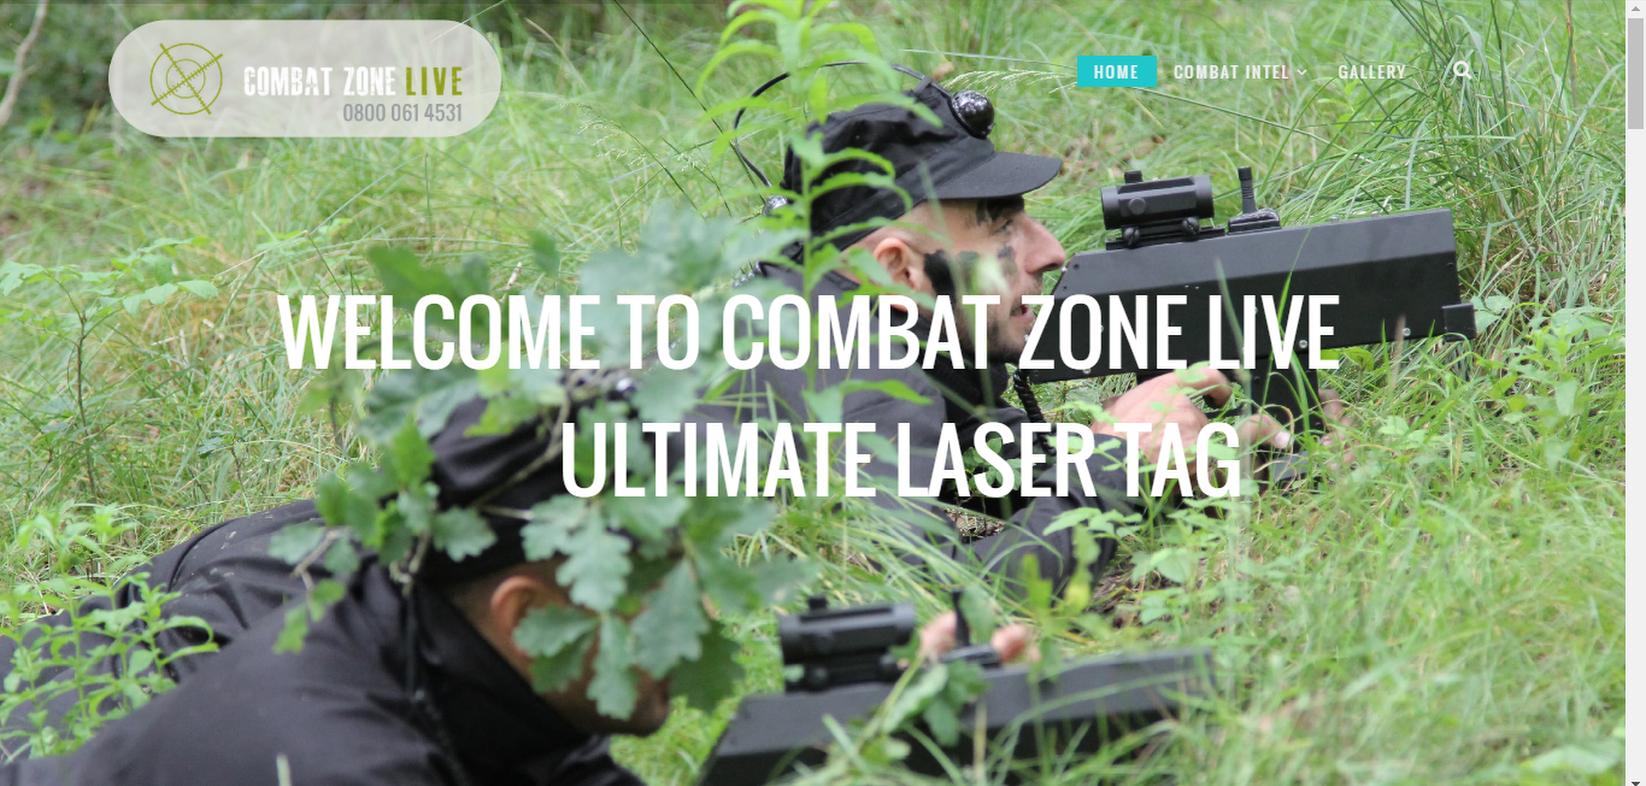 Combat Zone Live